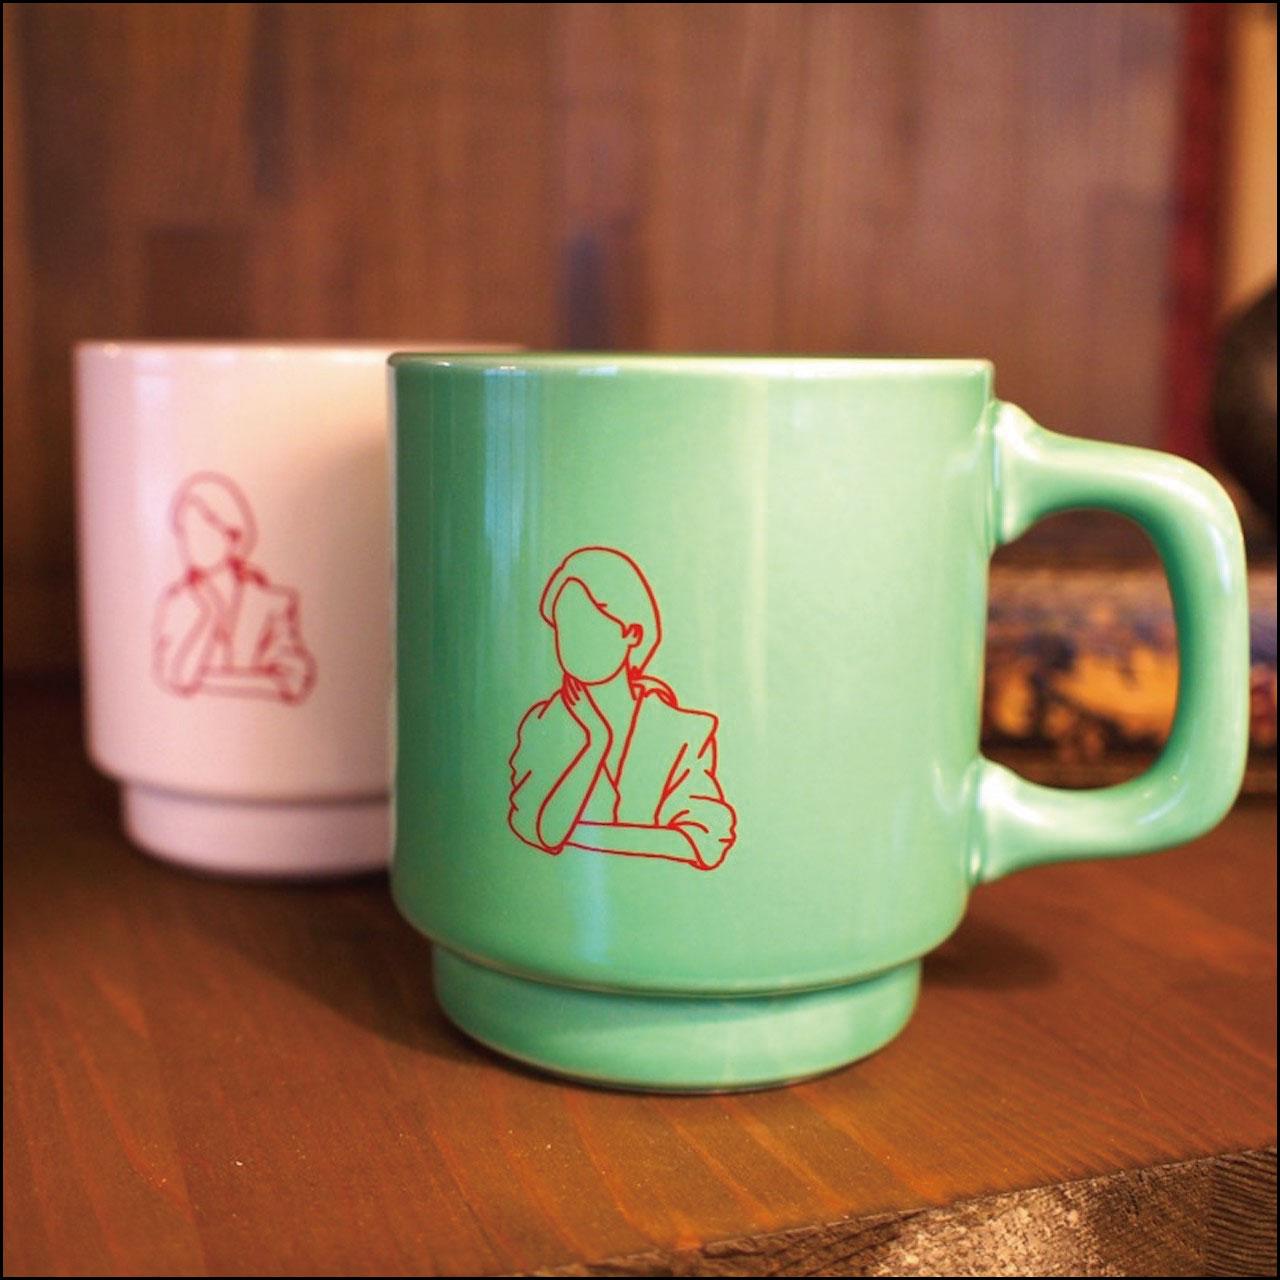 シルエットマグカップ